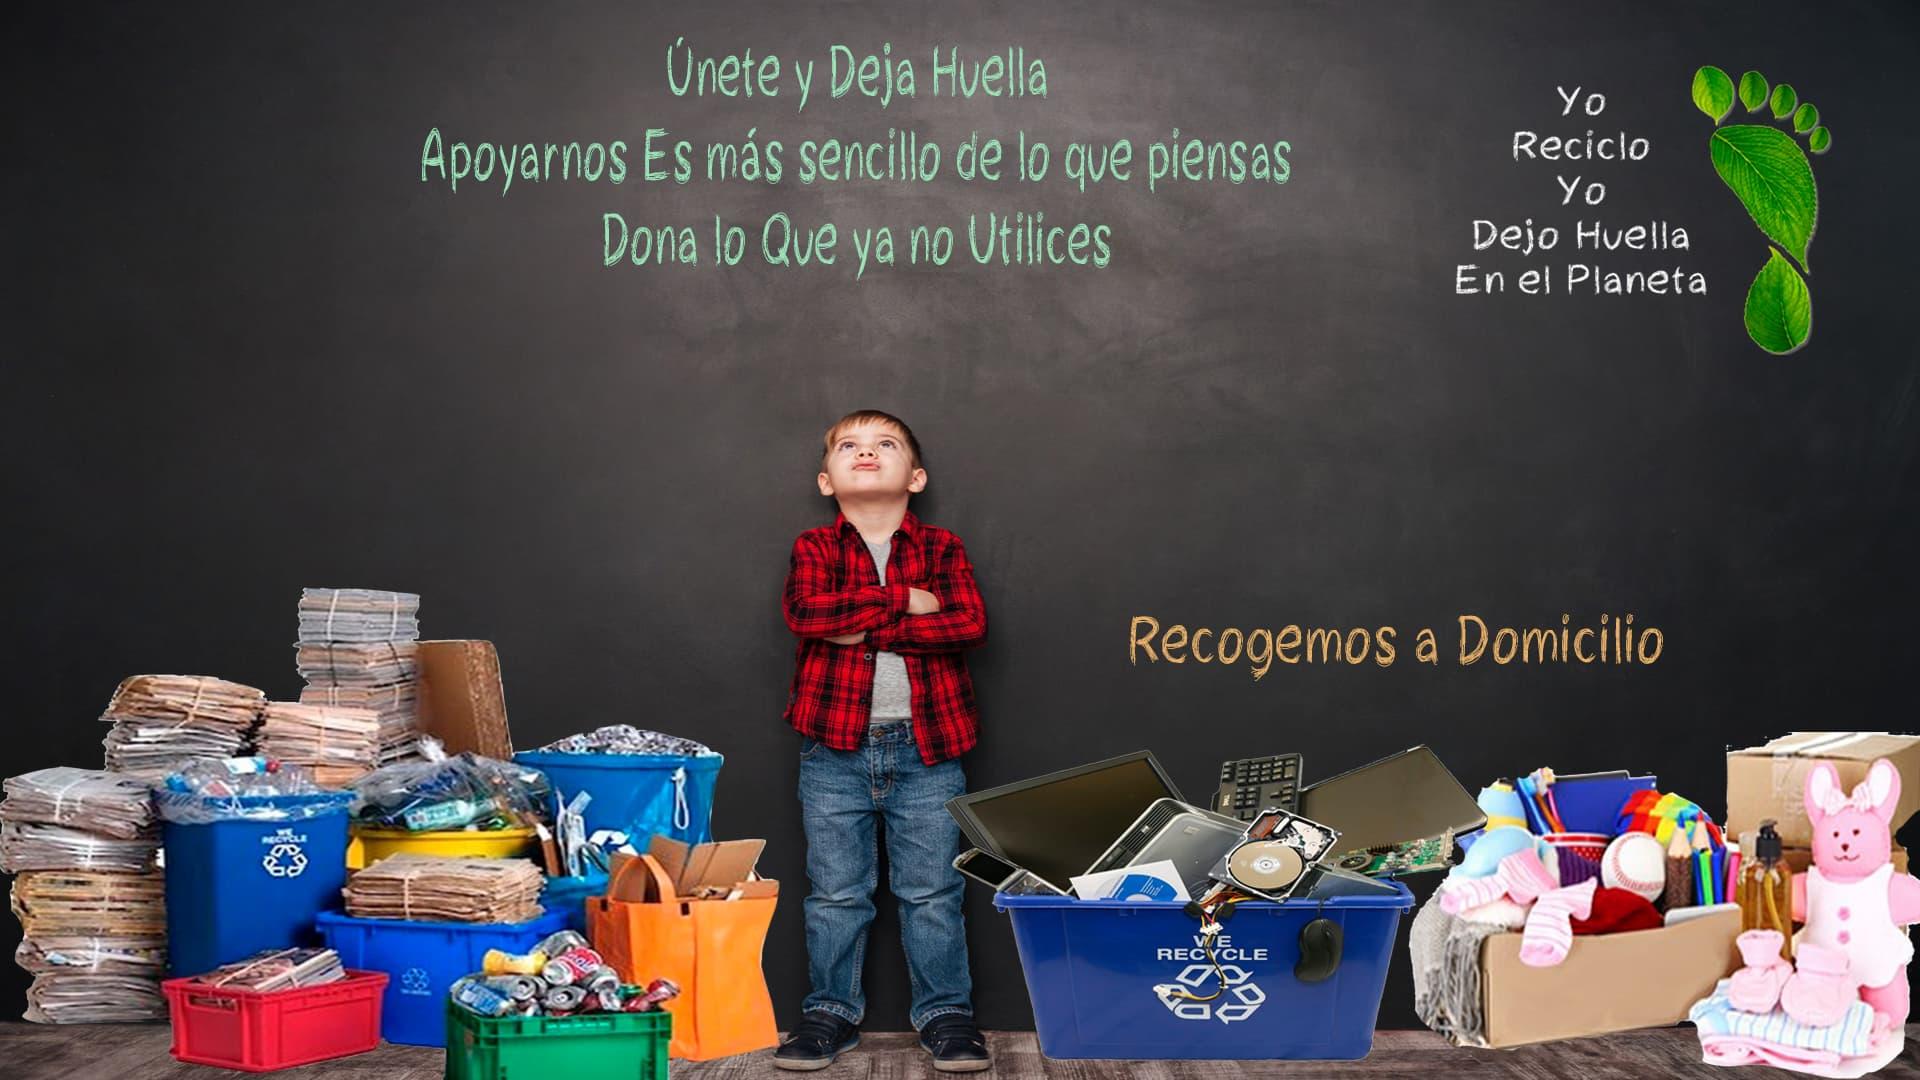 Donaciones de Reciclaje